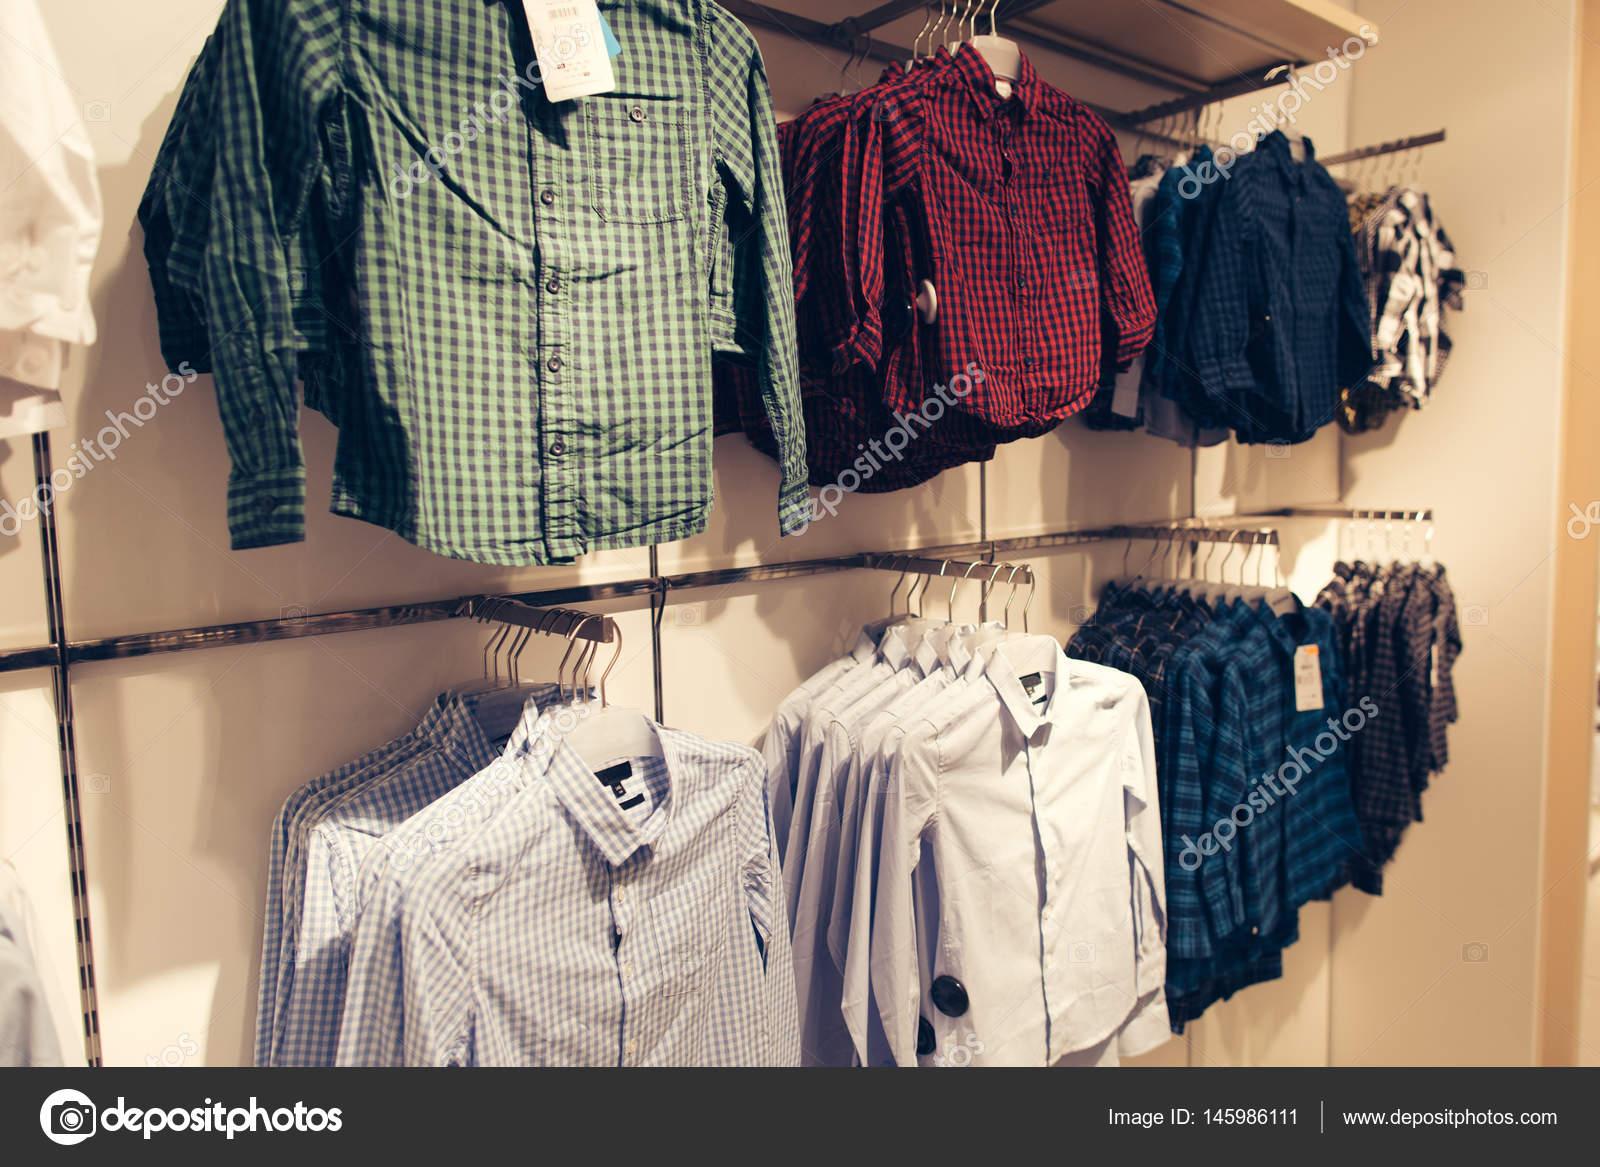 f0bca7b5ef8c64 Mężczyźni odzież sklep. Koszule w mężczyzn ubrania sklep w centrum  handlowym. Koszule męskie różne są gotowe do sprzedaży– obraz stockowy